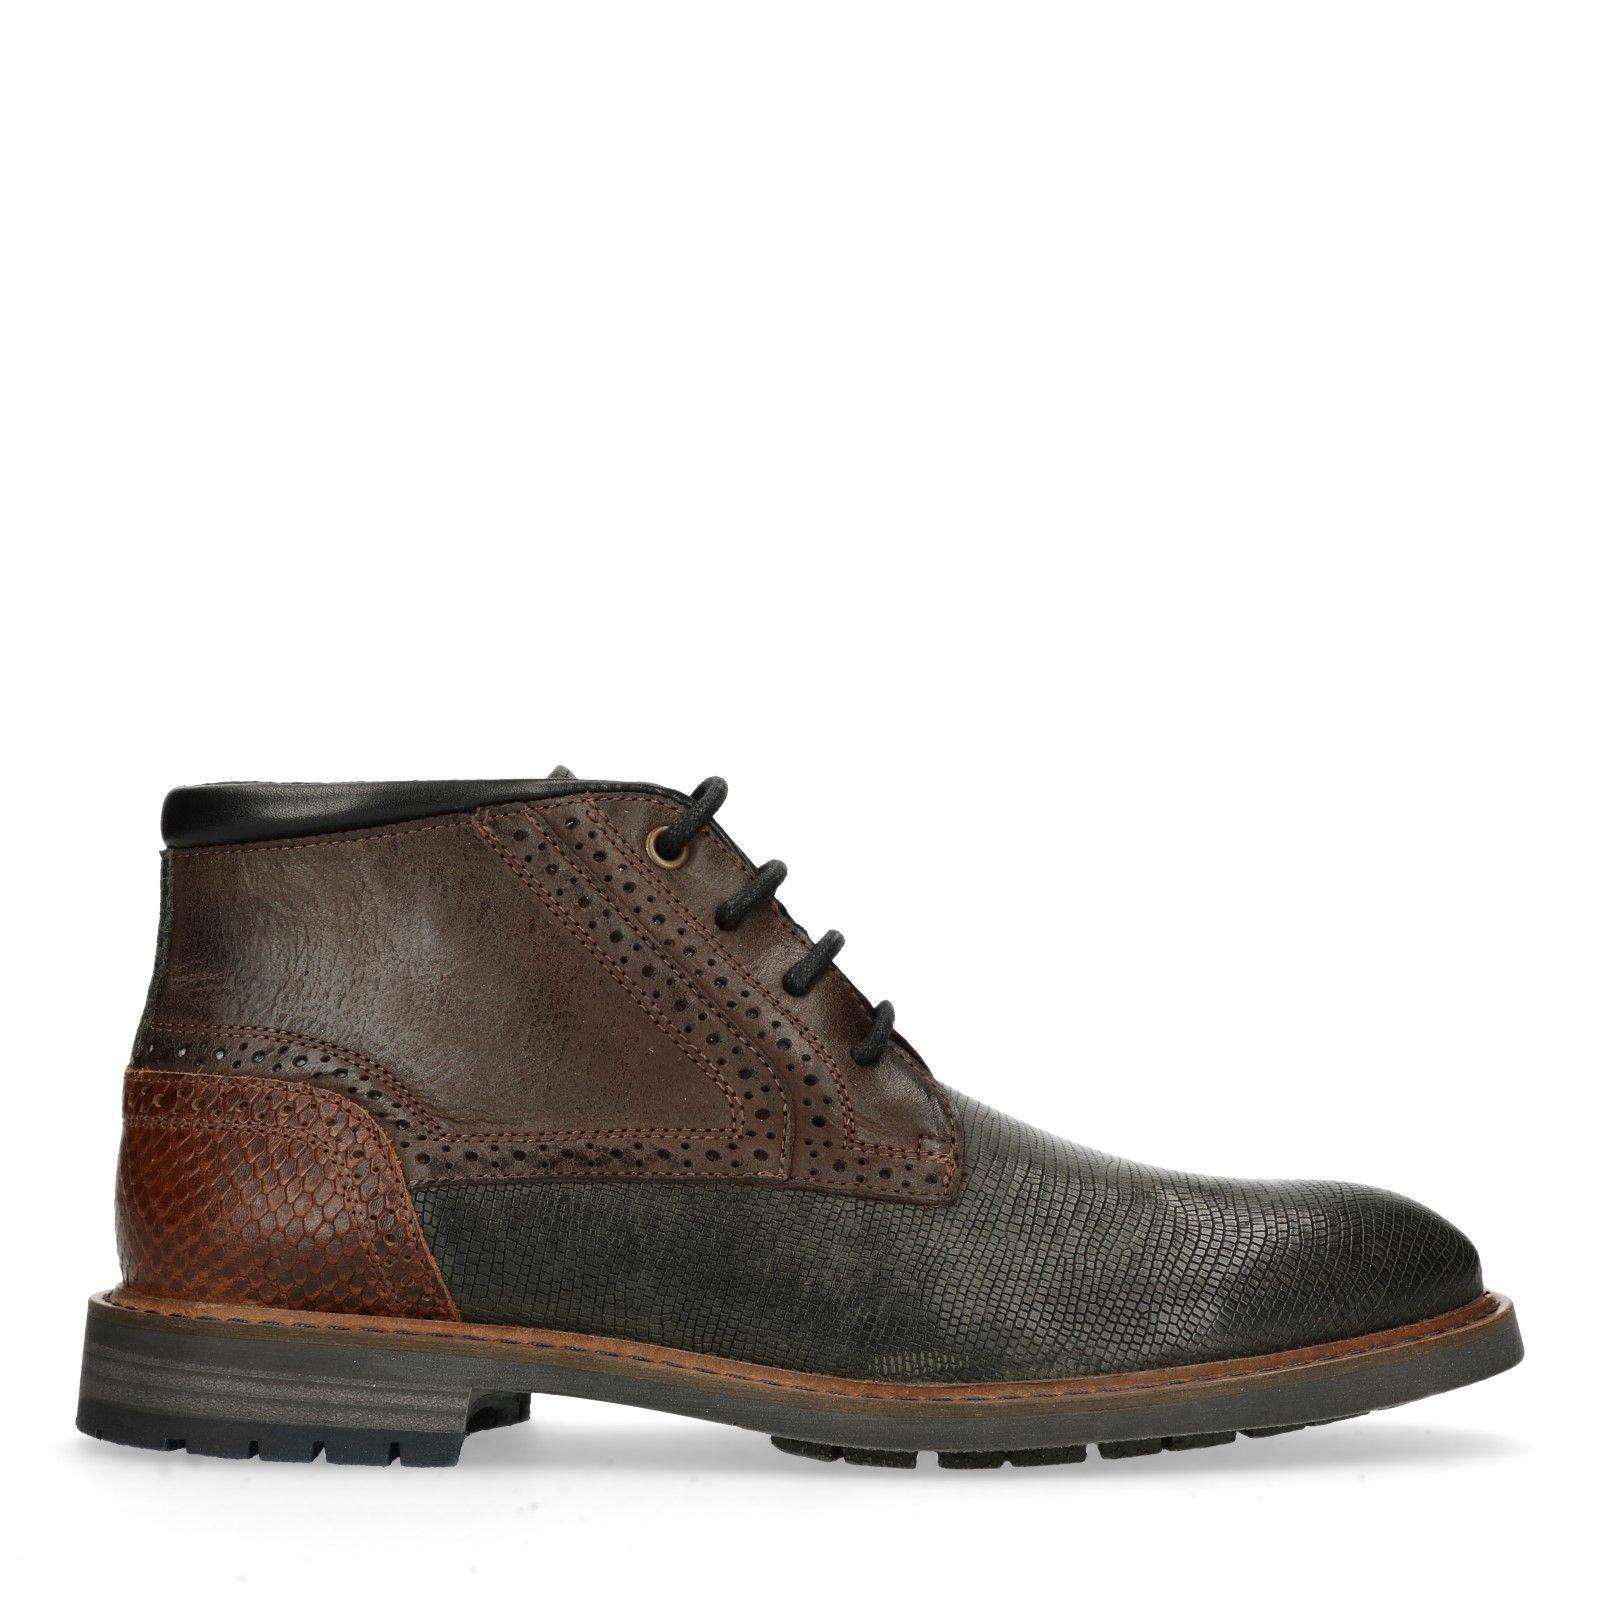 Donkergrijze worker boots met snakeskin Heren | MANFIELD